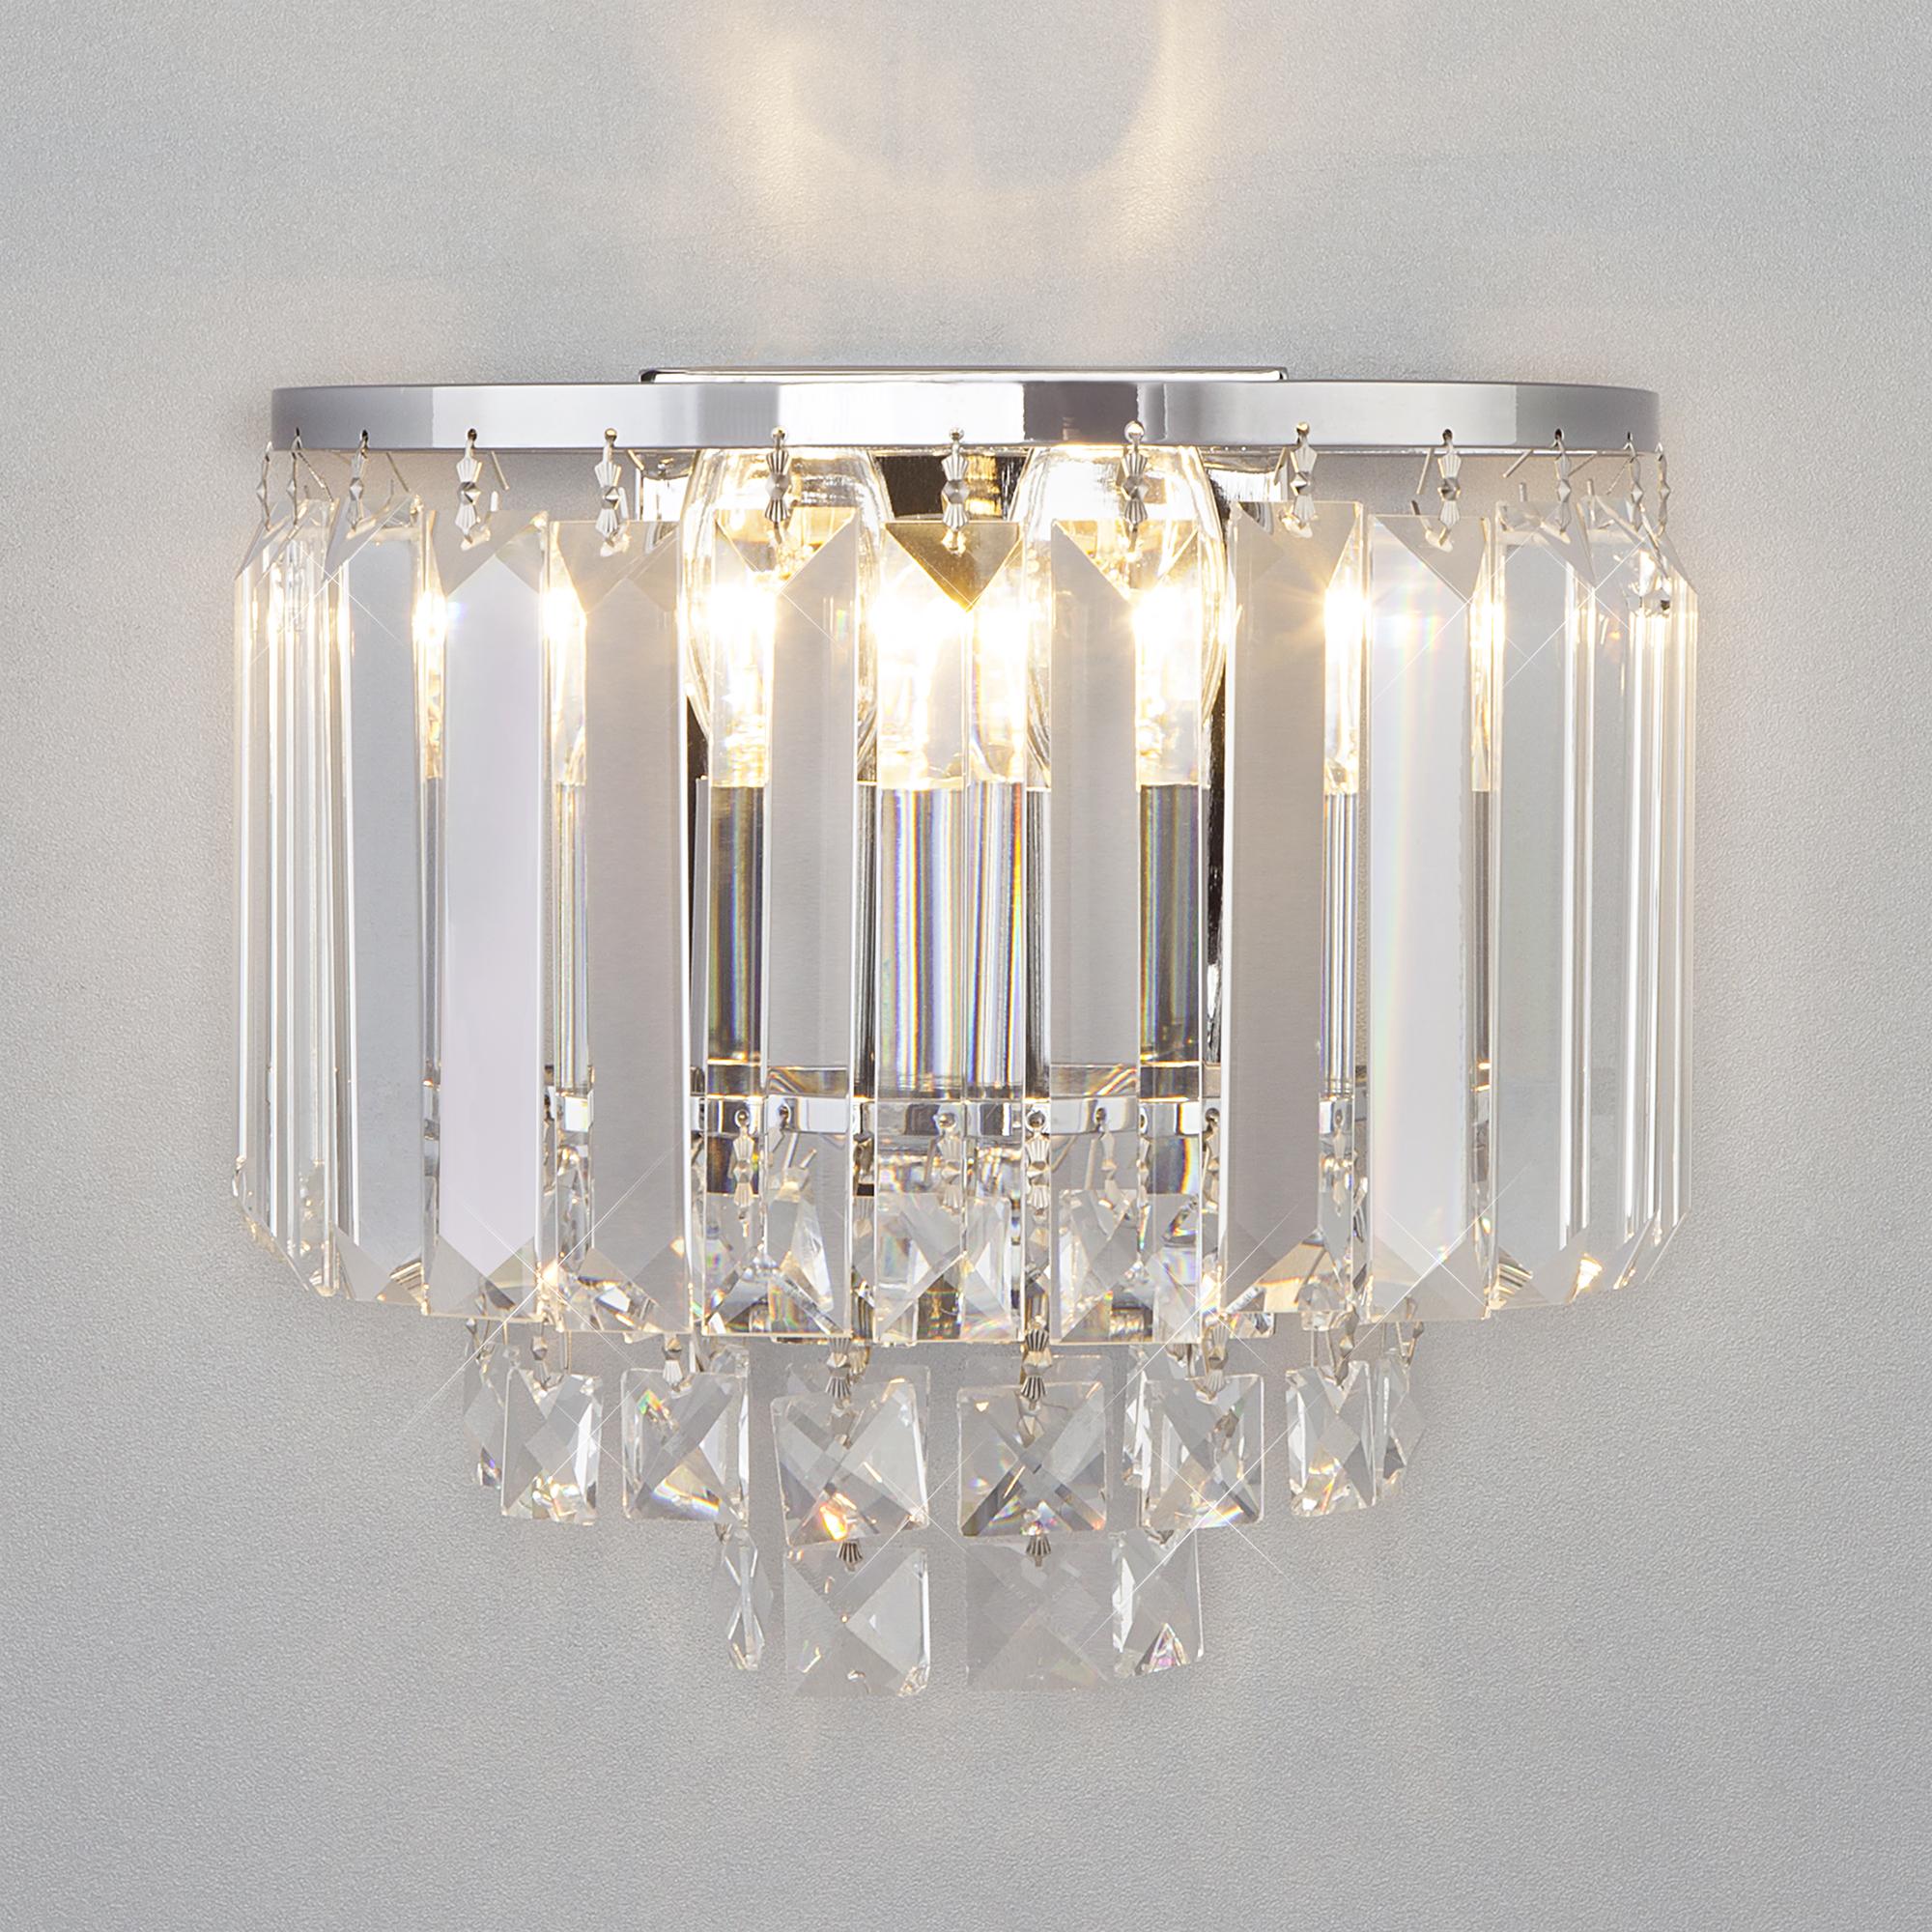 Настенный светильник с хрусталем 10121/2 хром